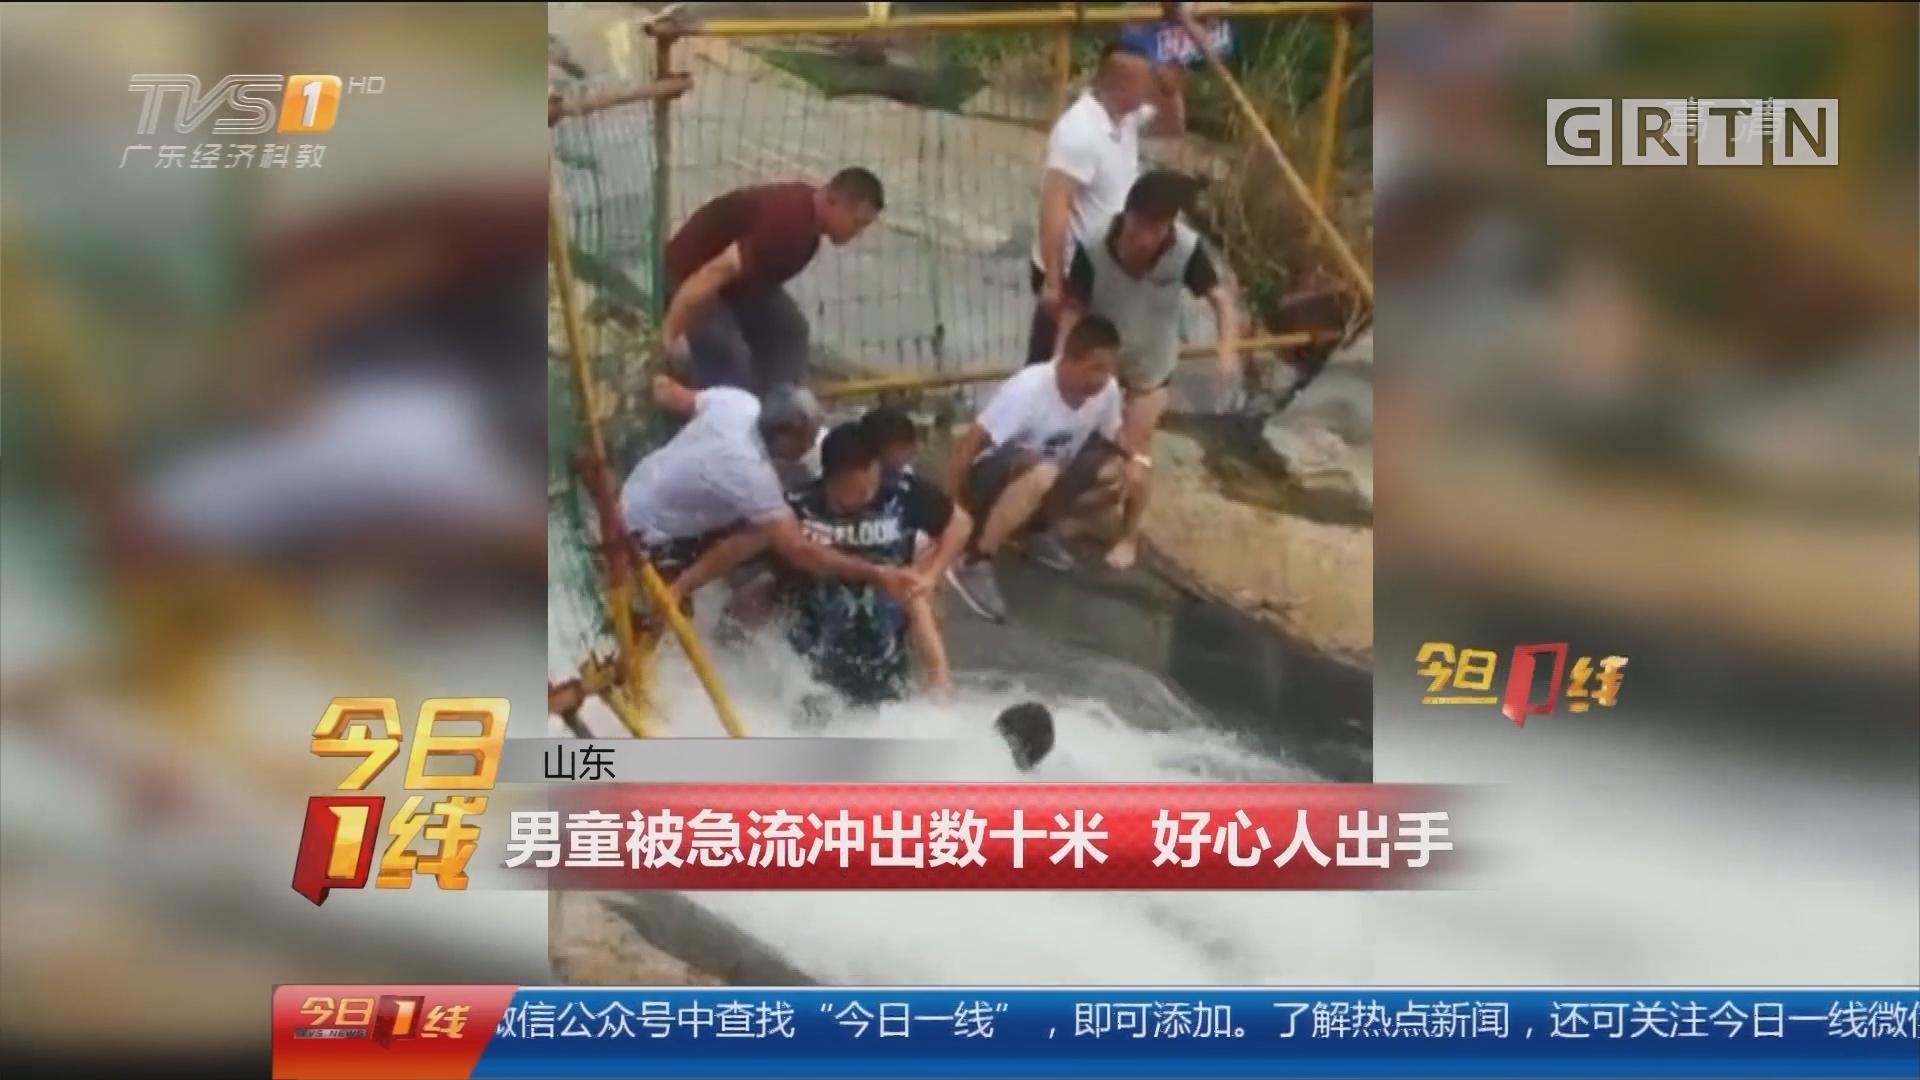 山东:男童被急流冲出数十米 好心人出手